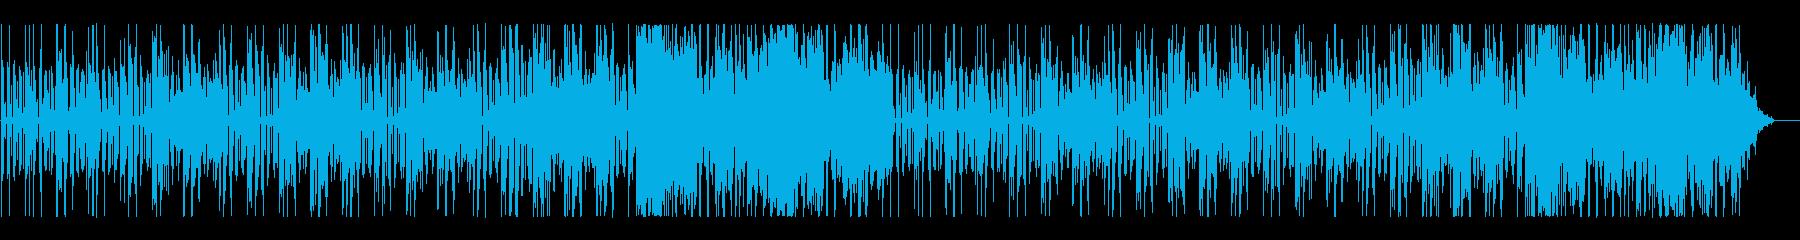 日常コメディ風ほのぼのBGMの再生済みの波形